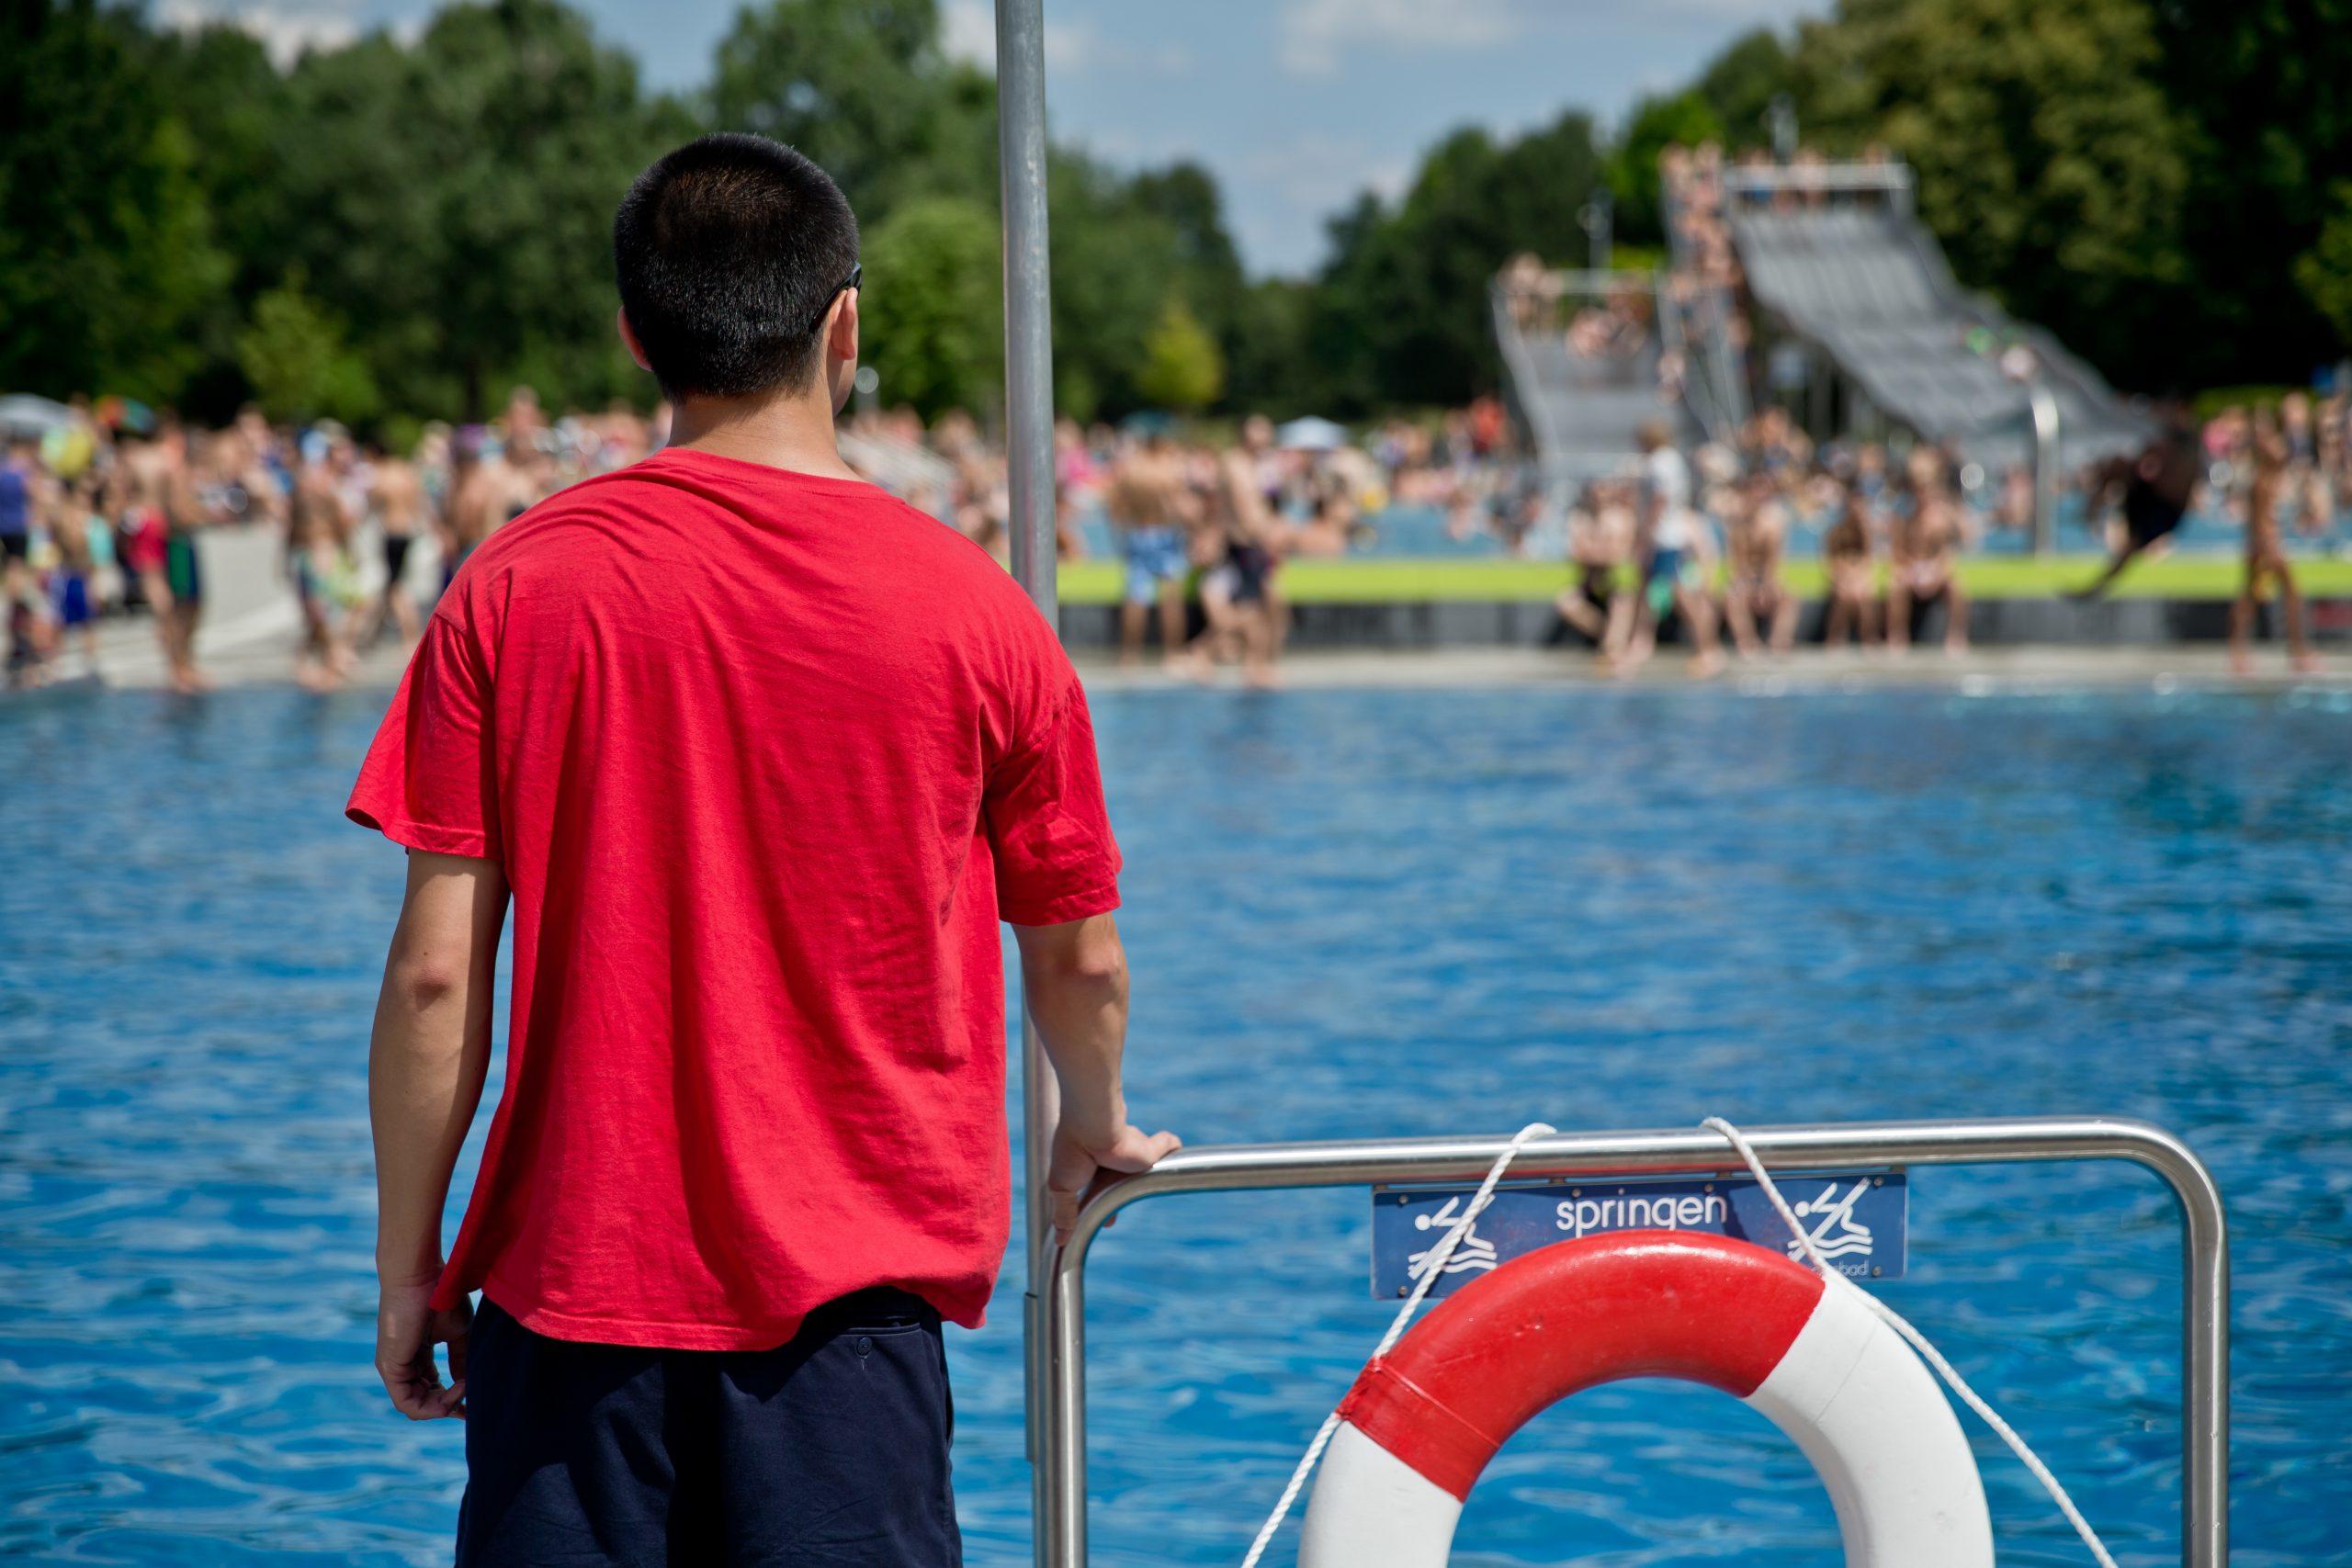 Ein Bademeister beobachtet das Geschehen in einem Nürnberger Schwimmbad (Archivbild) Foto: (c) dpa